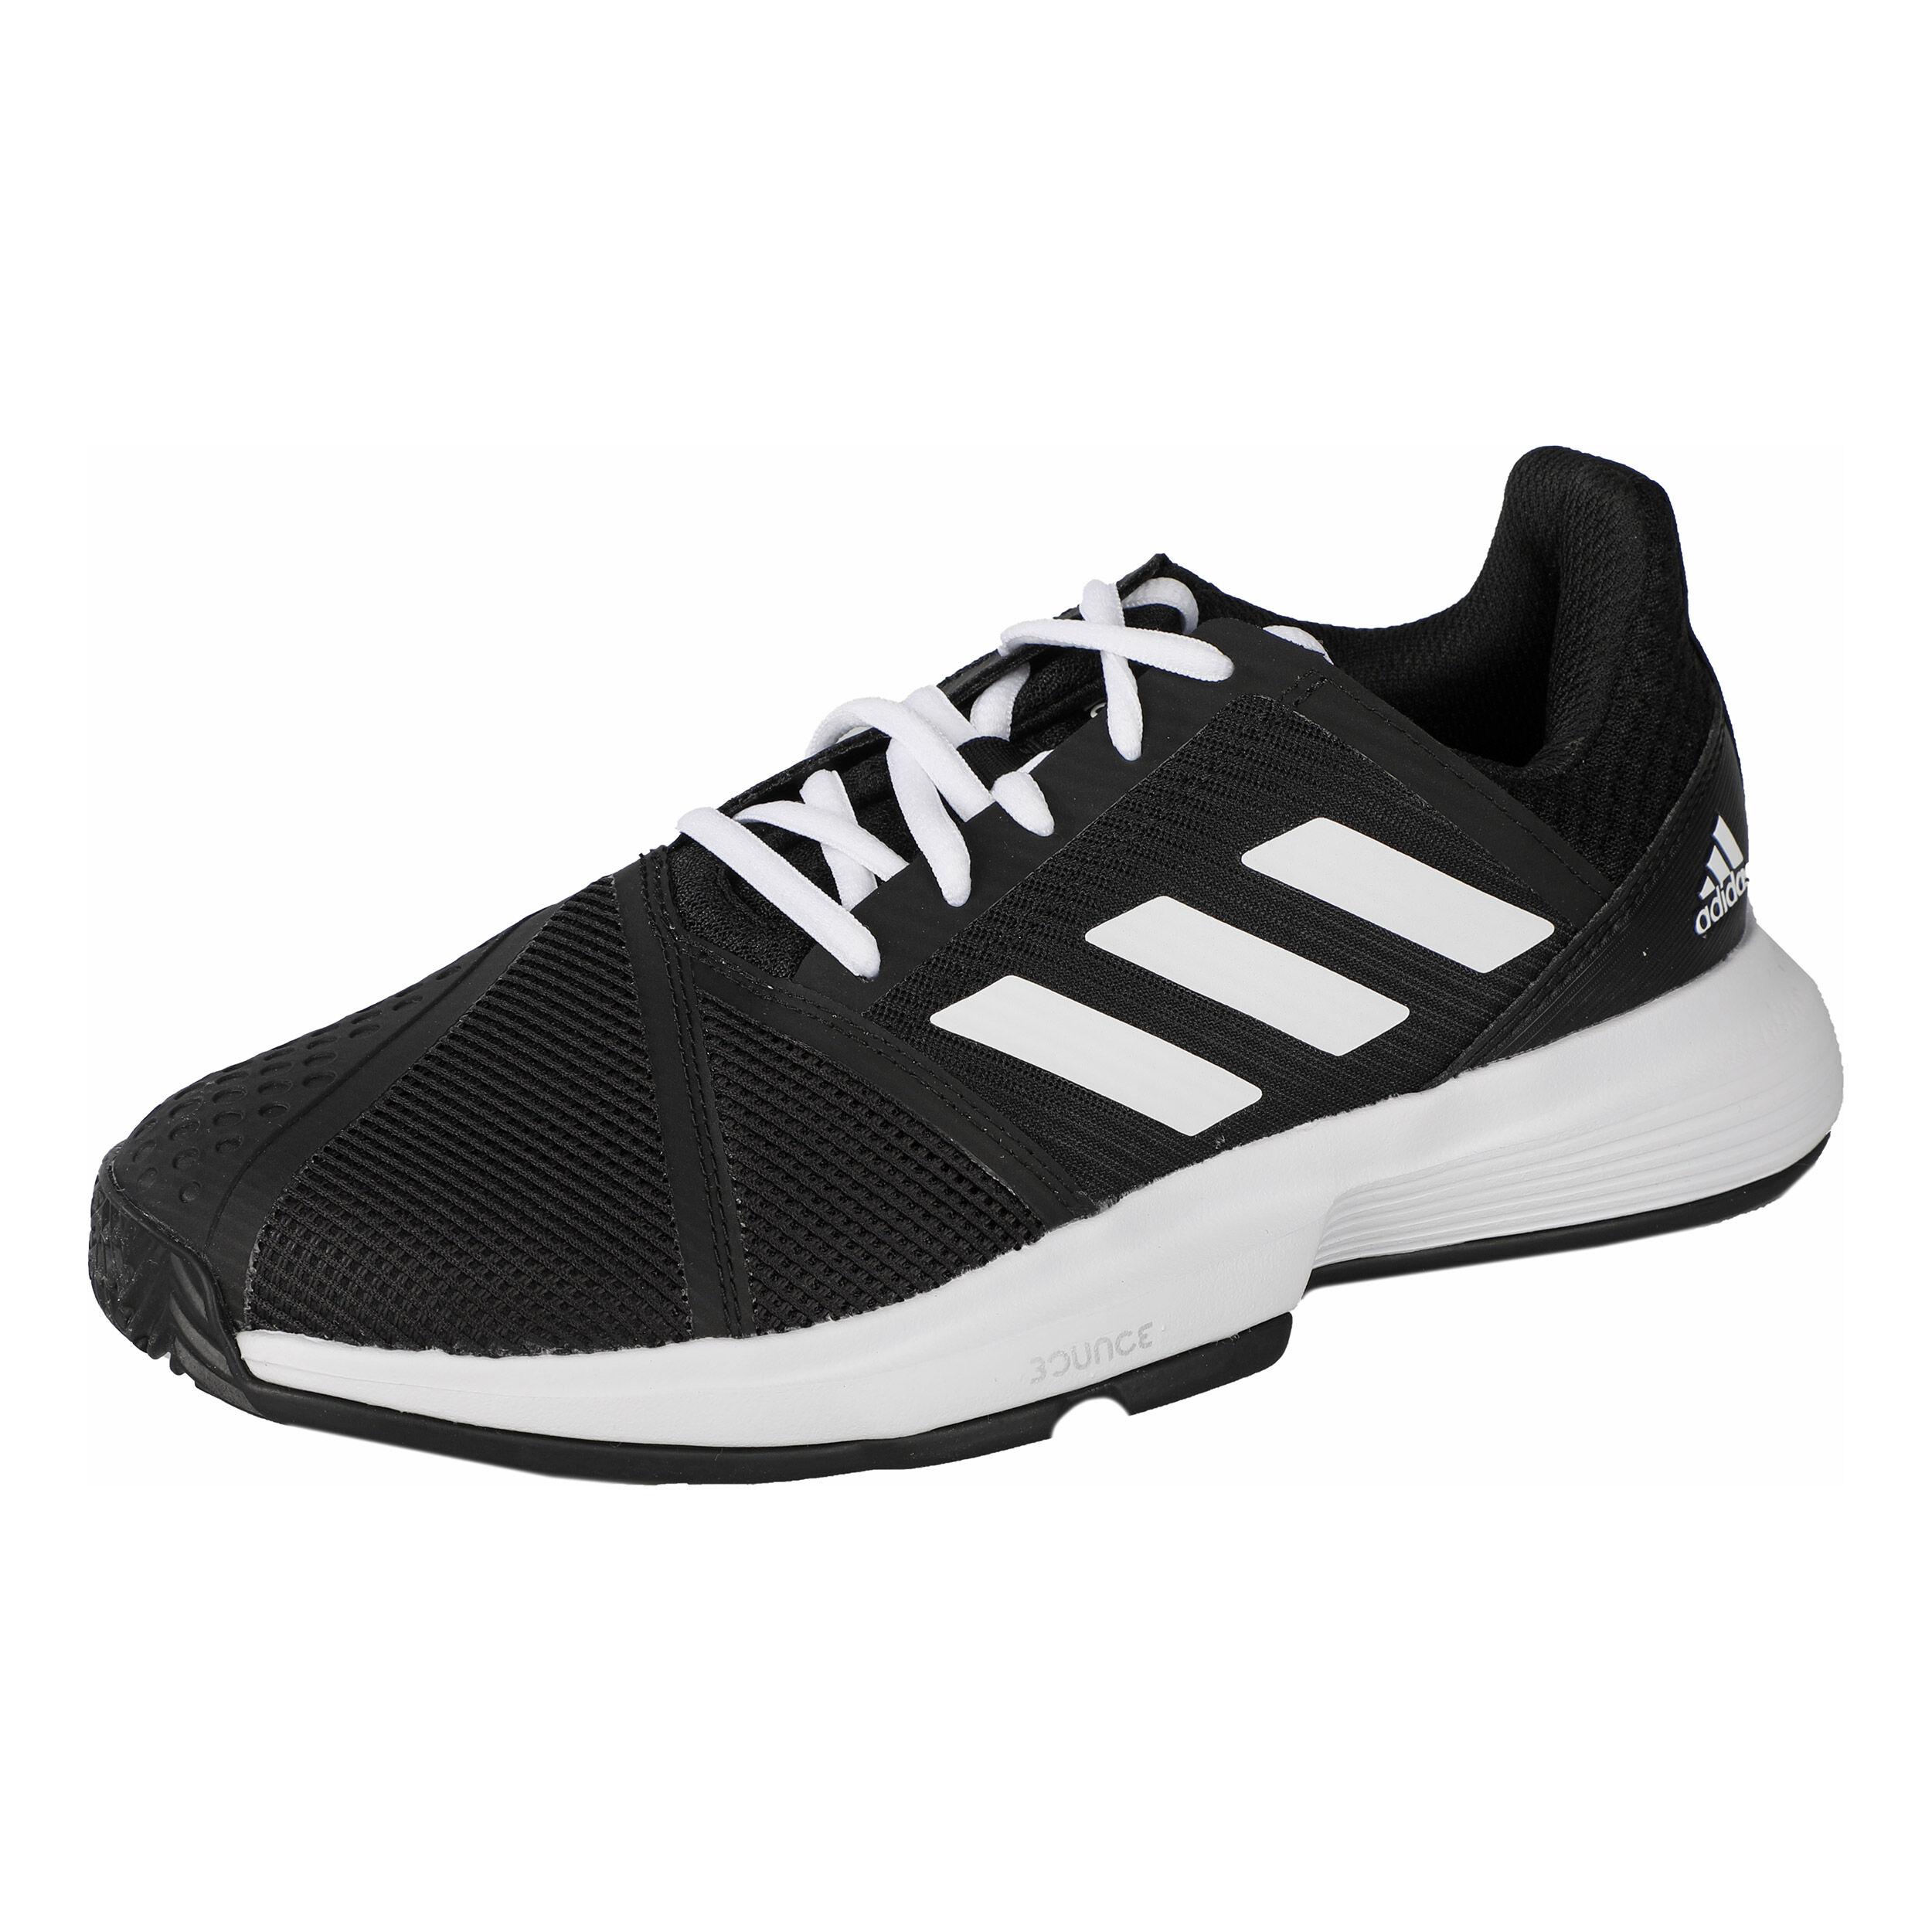 adidas Court Jam Bounce Allcourtschuh Damen - Schwarz, Weiß ...